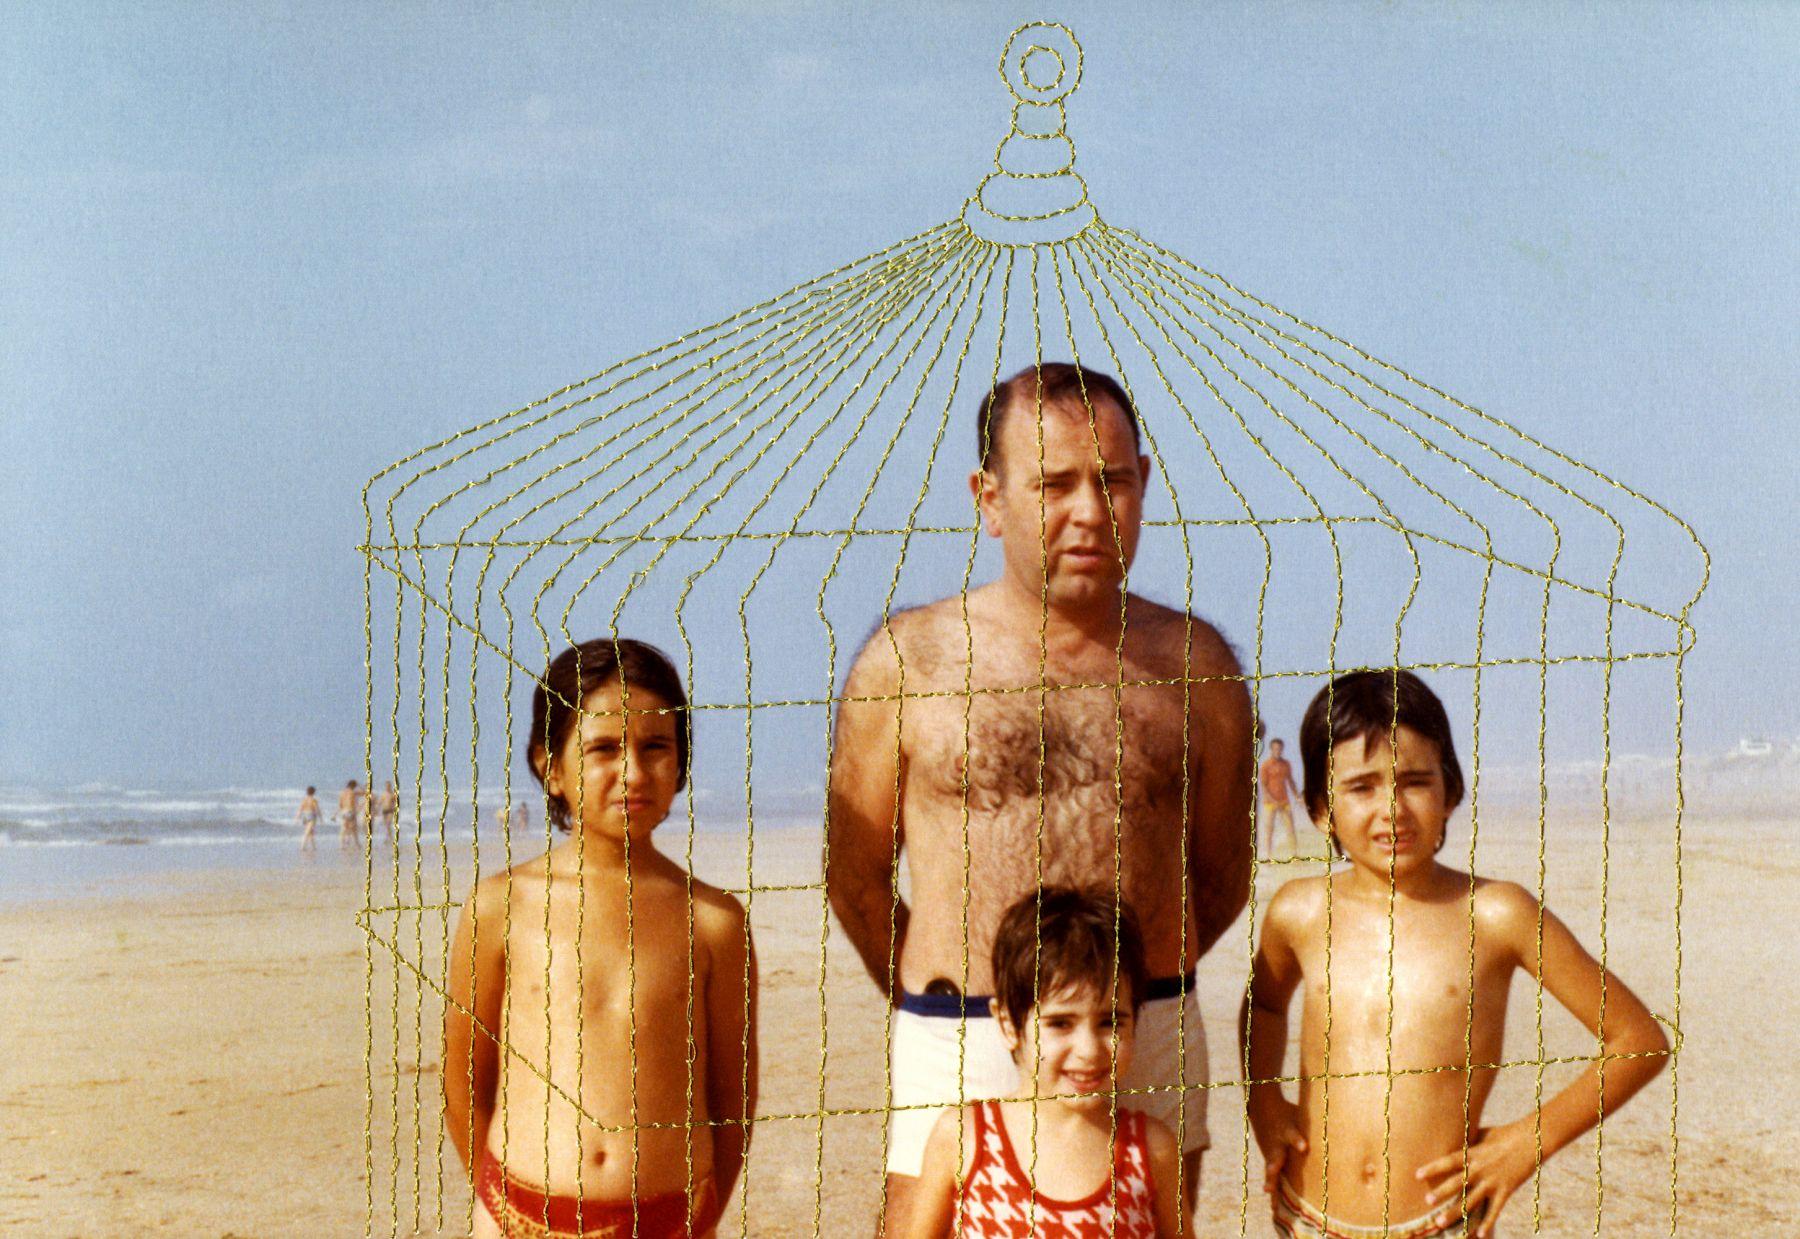 Carolle Bénitah, Photos-Souvenirs, Adolescence, la cage dorée (the golden cage), 2012, Sous Les Etoiles Gallery